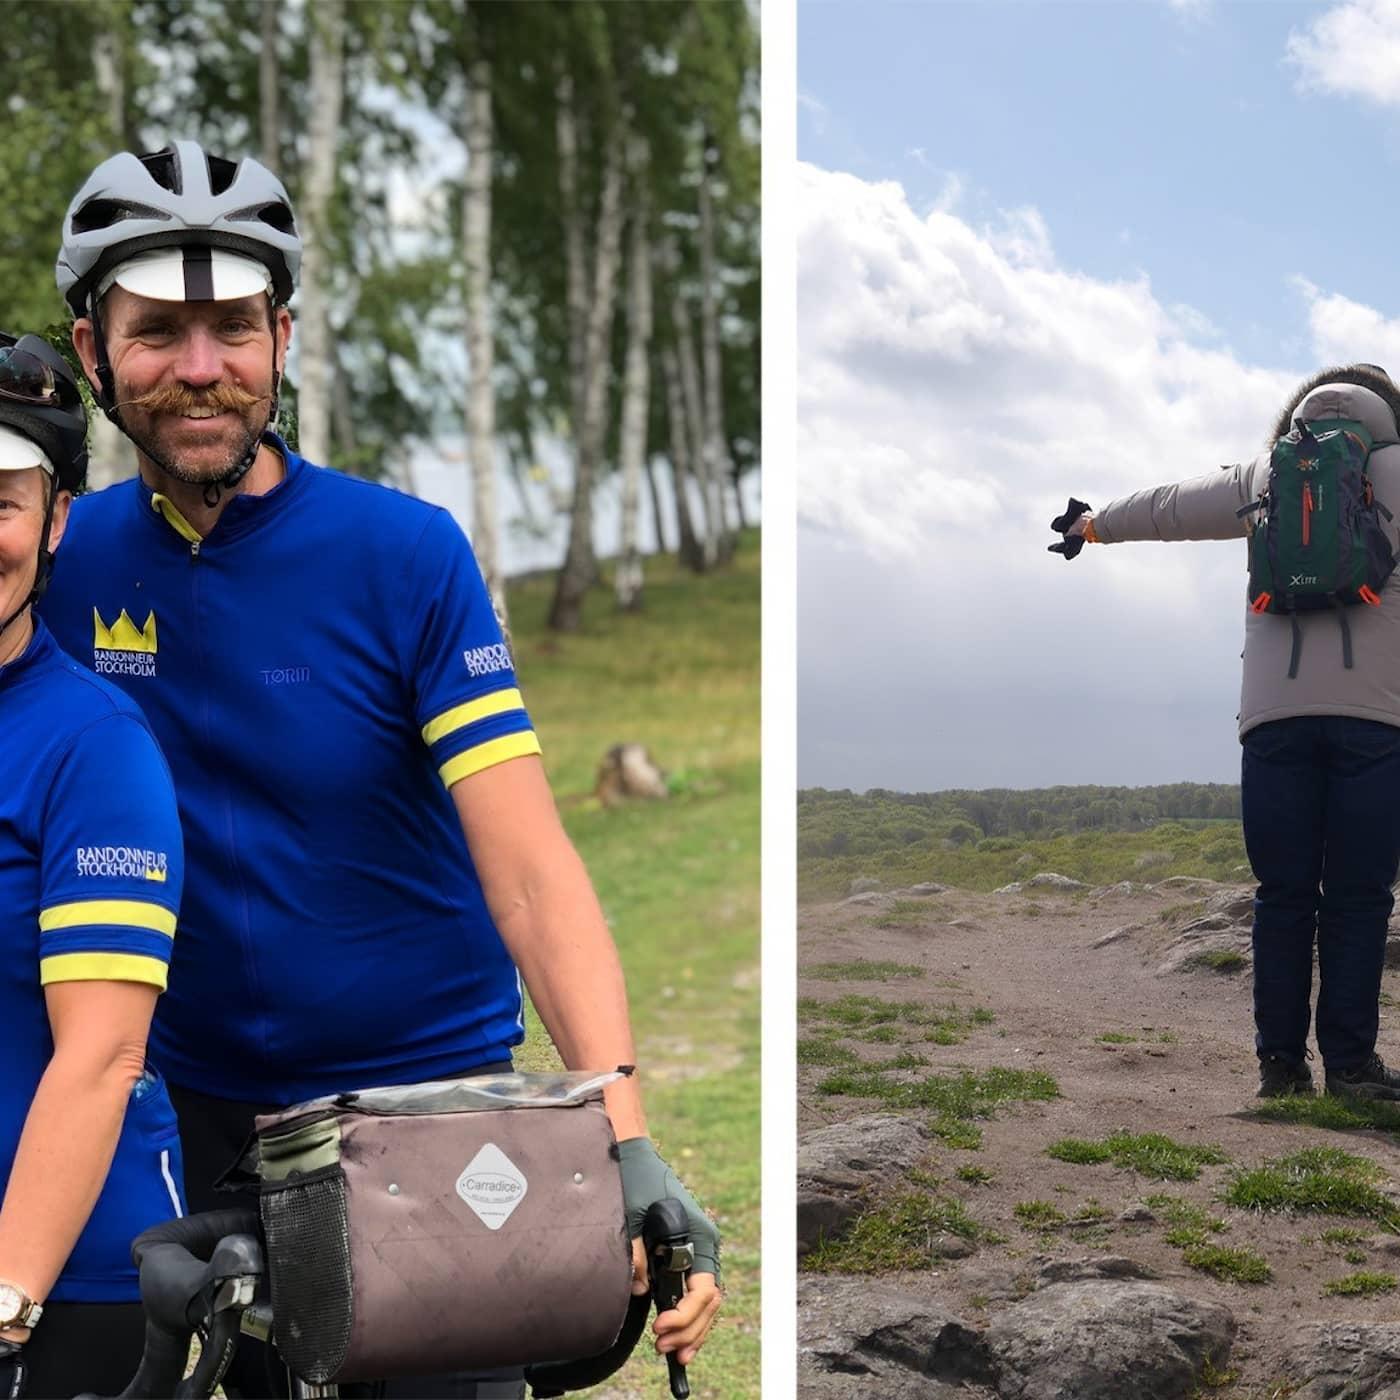 Långtur med cykel och hur gick det i Sjöbo?